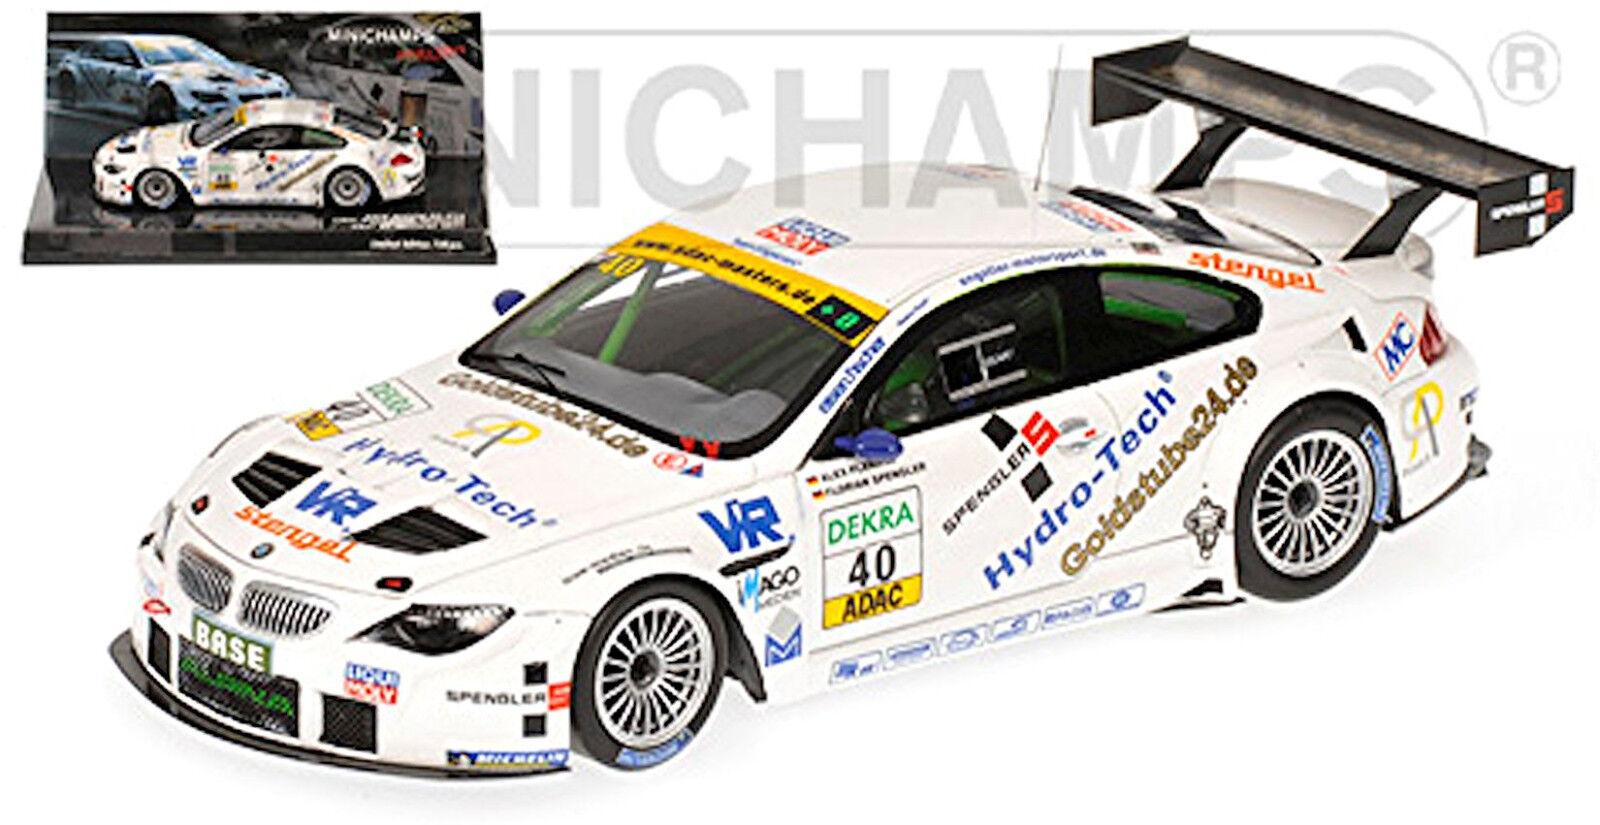 acquistare ora BMW ALPINA ALPINA ALPINA b6 gt3 ADAC GT Masters 2011 Liqui Moly squadra Engstler  40 1.43  comprare sconti